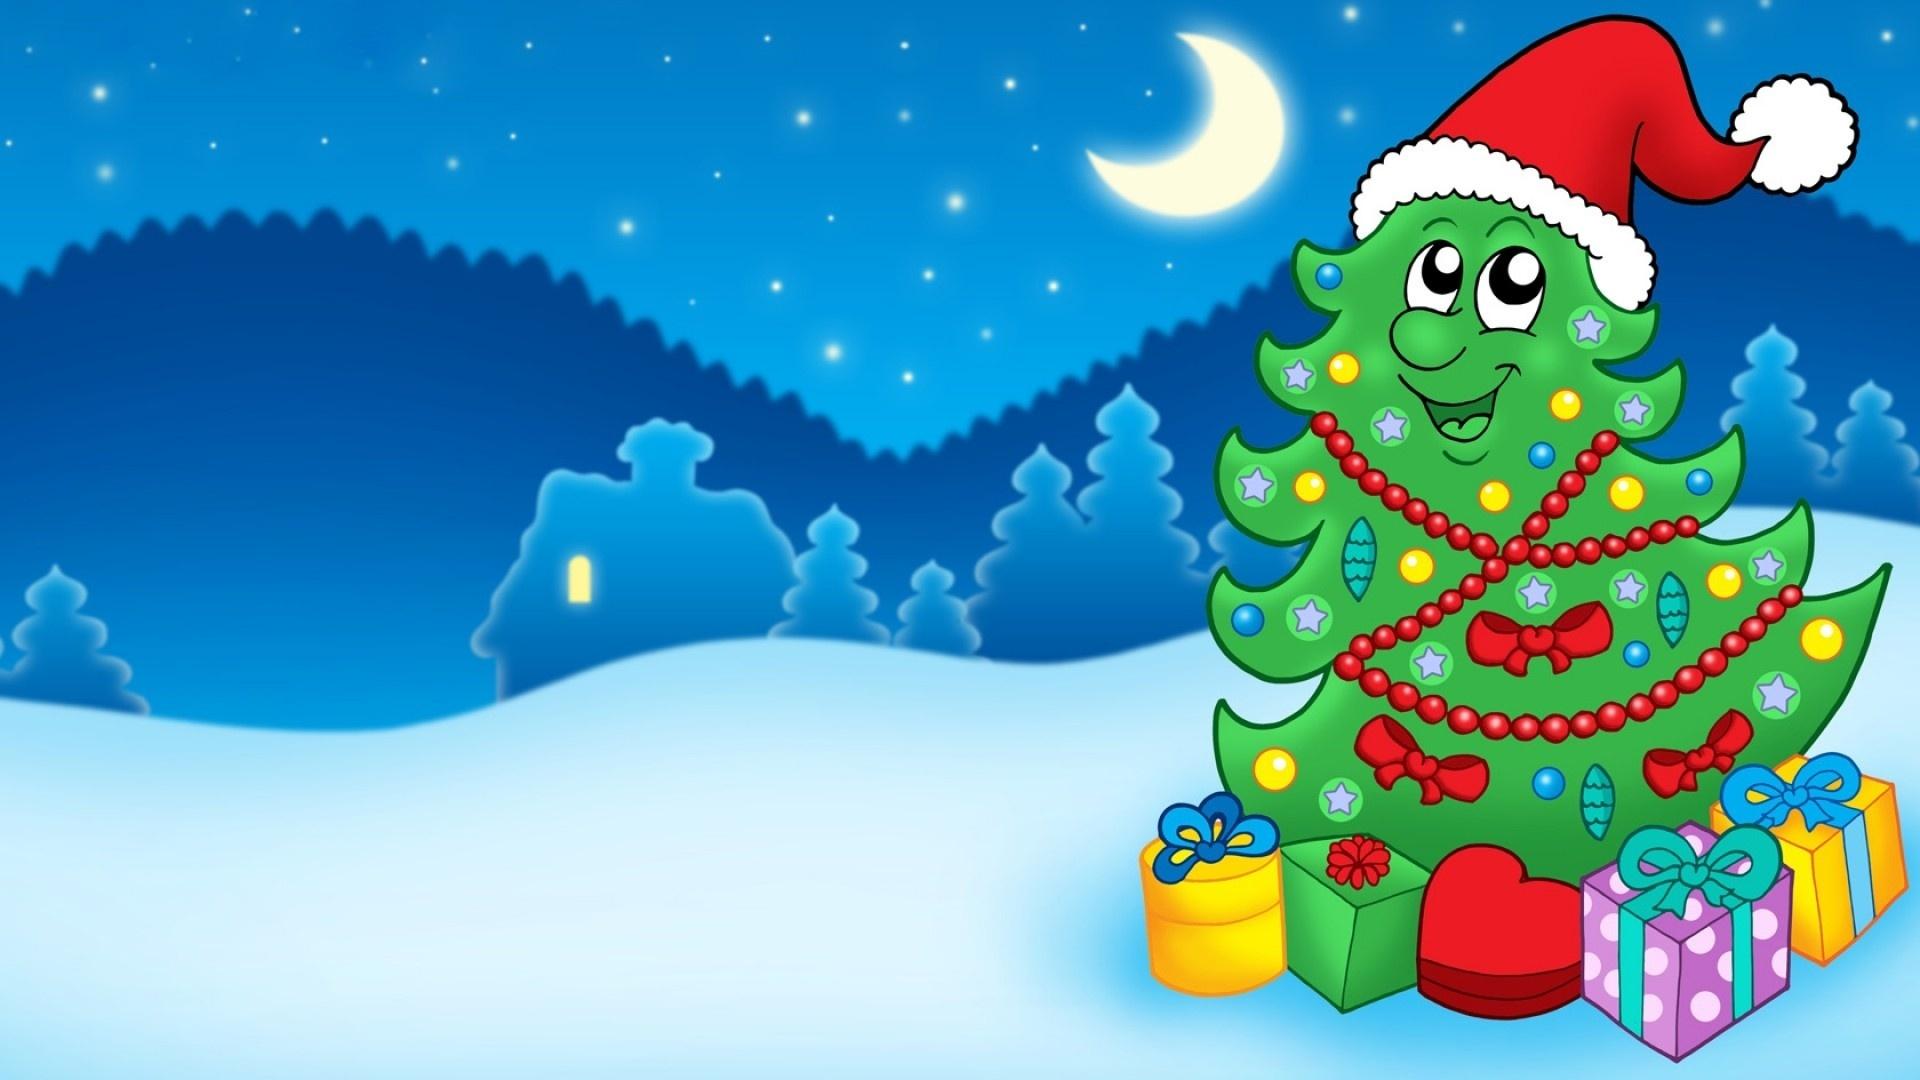 Днем, прикольная новогодняя елка картинки